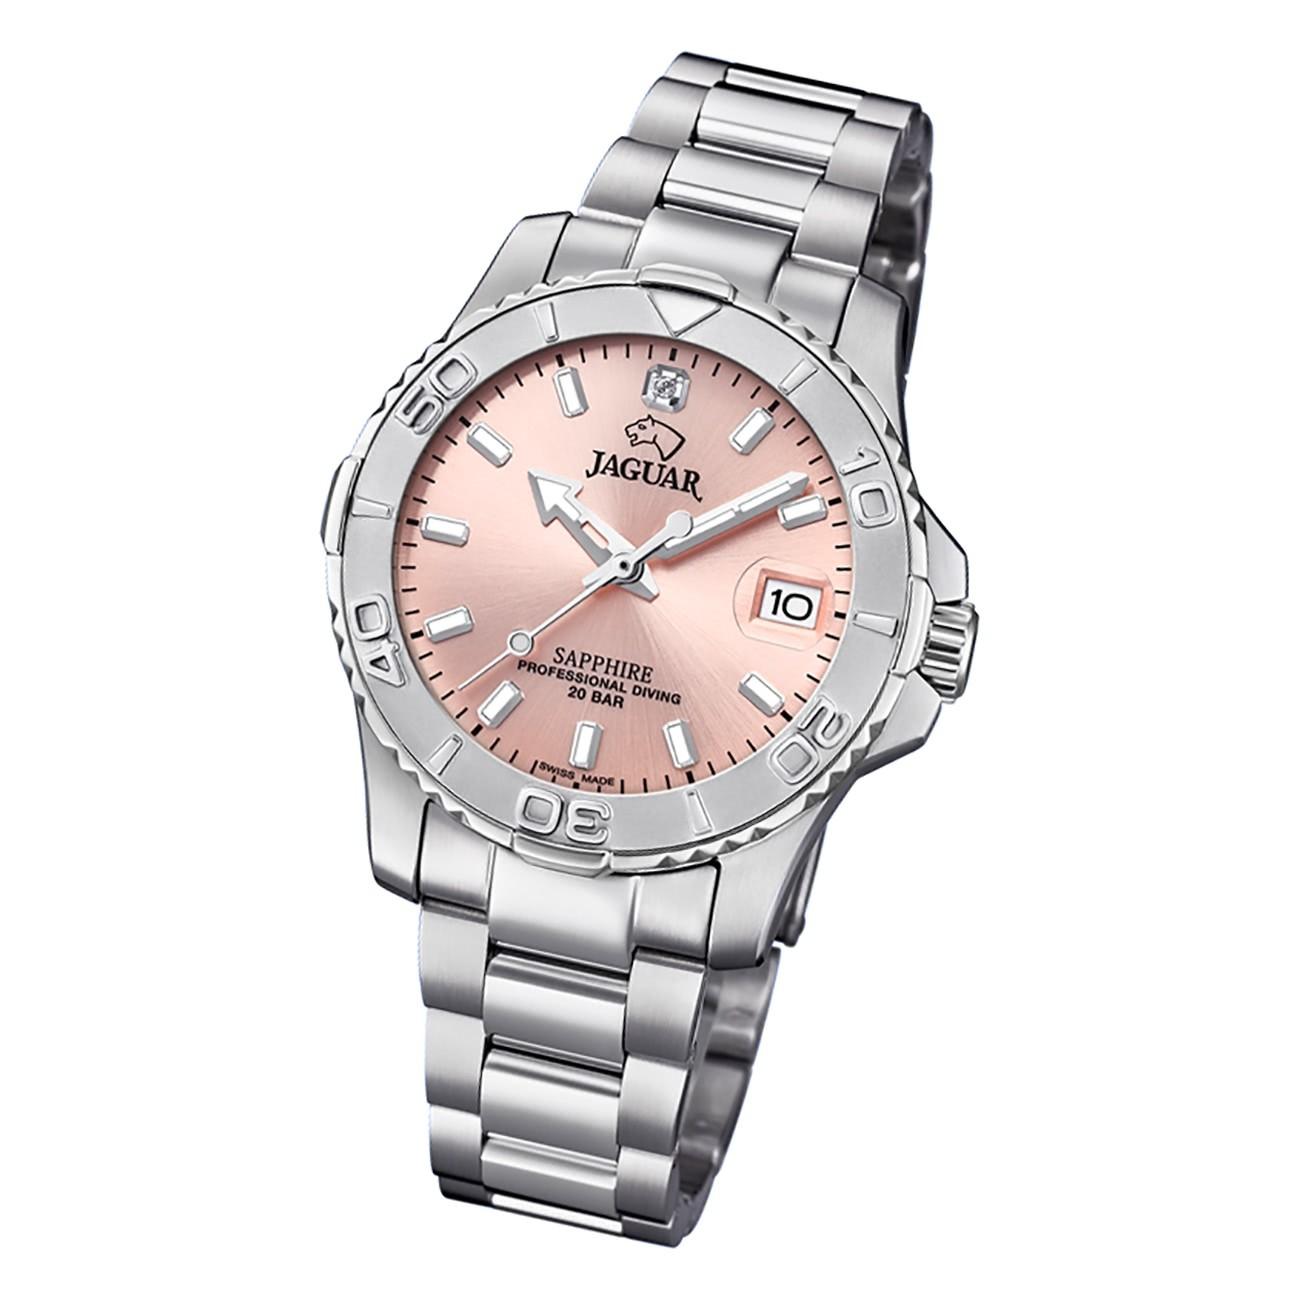 Jaguar Damen Armbanduhr Cosmopolitan J870/3 Analog Edelstahl silber UJ870/3